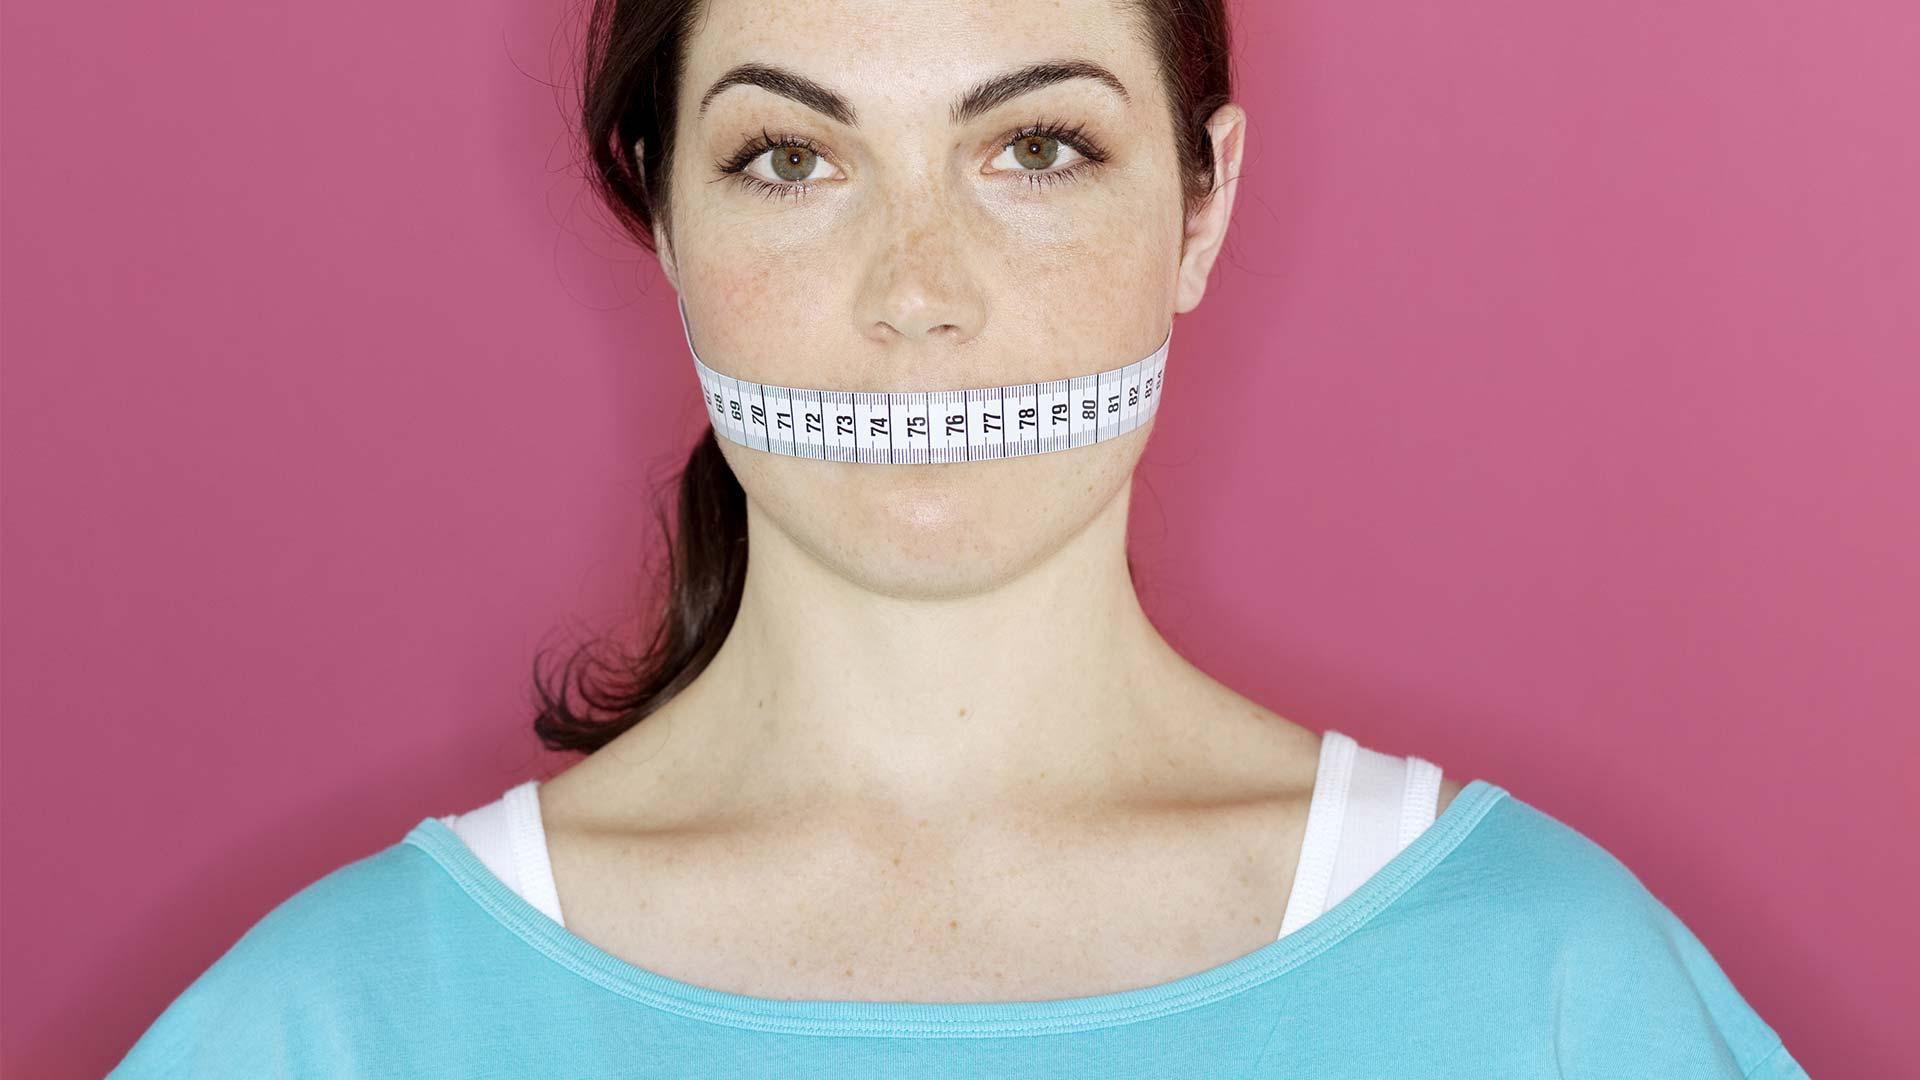 Frau mit Maßband über den Mund